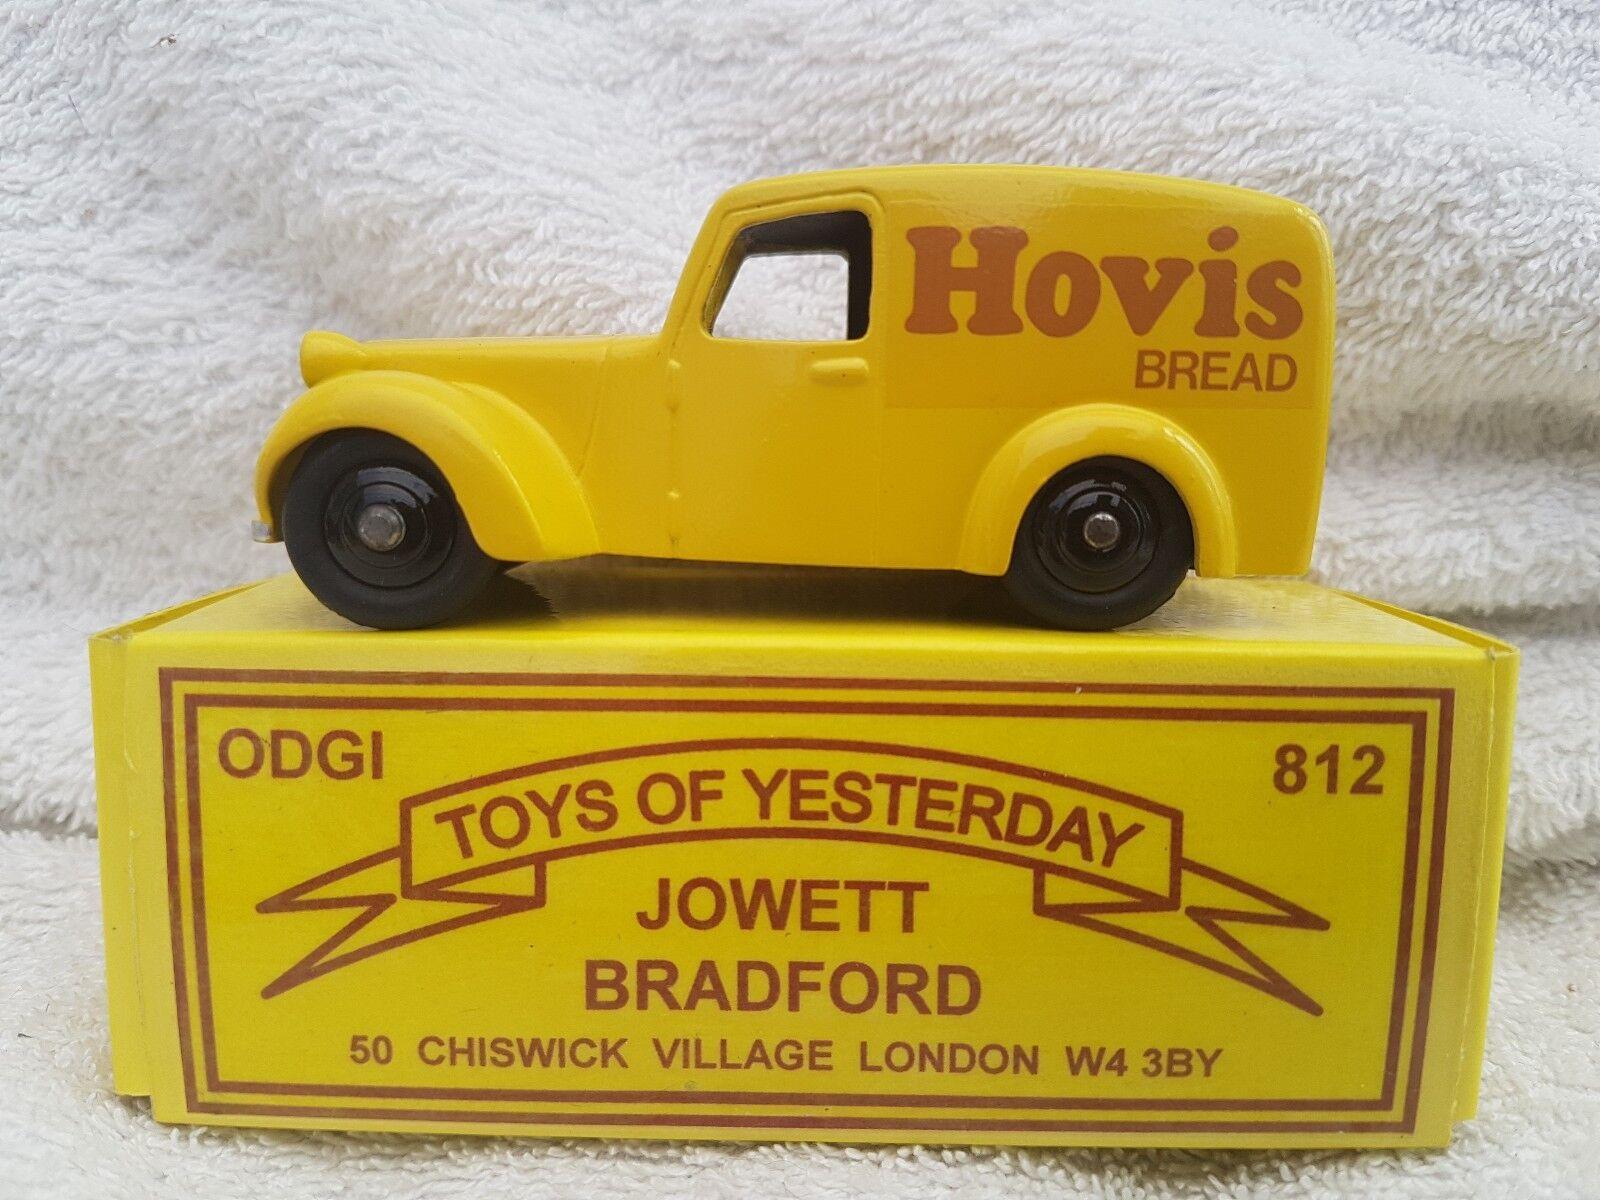 La nuit du du du carnaval de Noël, plus la nuit est excitante ODGI jouets d'antan 812 Jowett Bradford Hovis pour pain | La Construction Rationnelle  780bcb